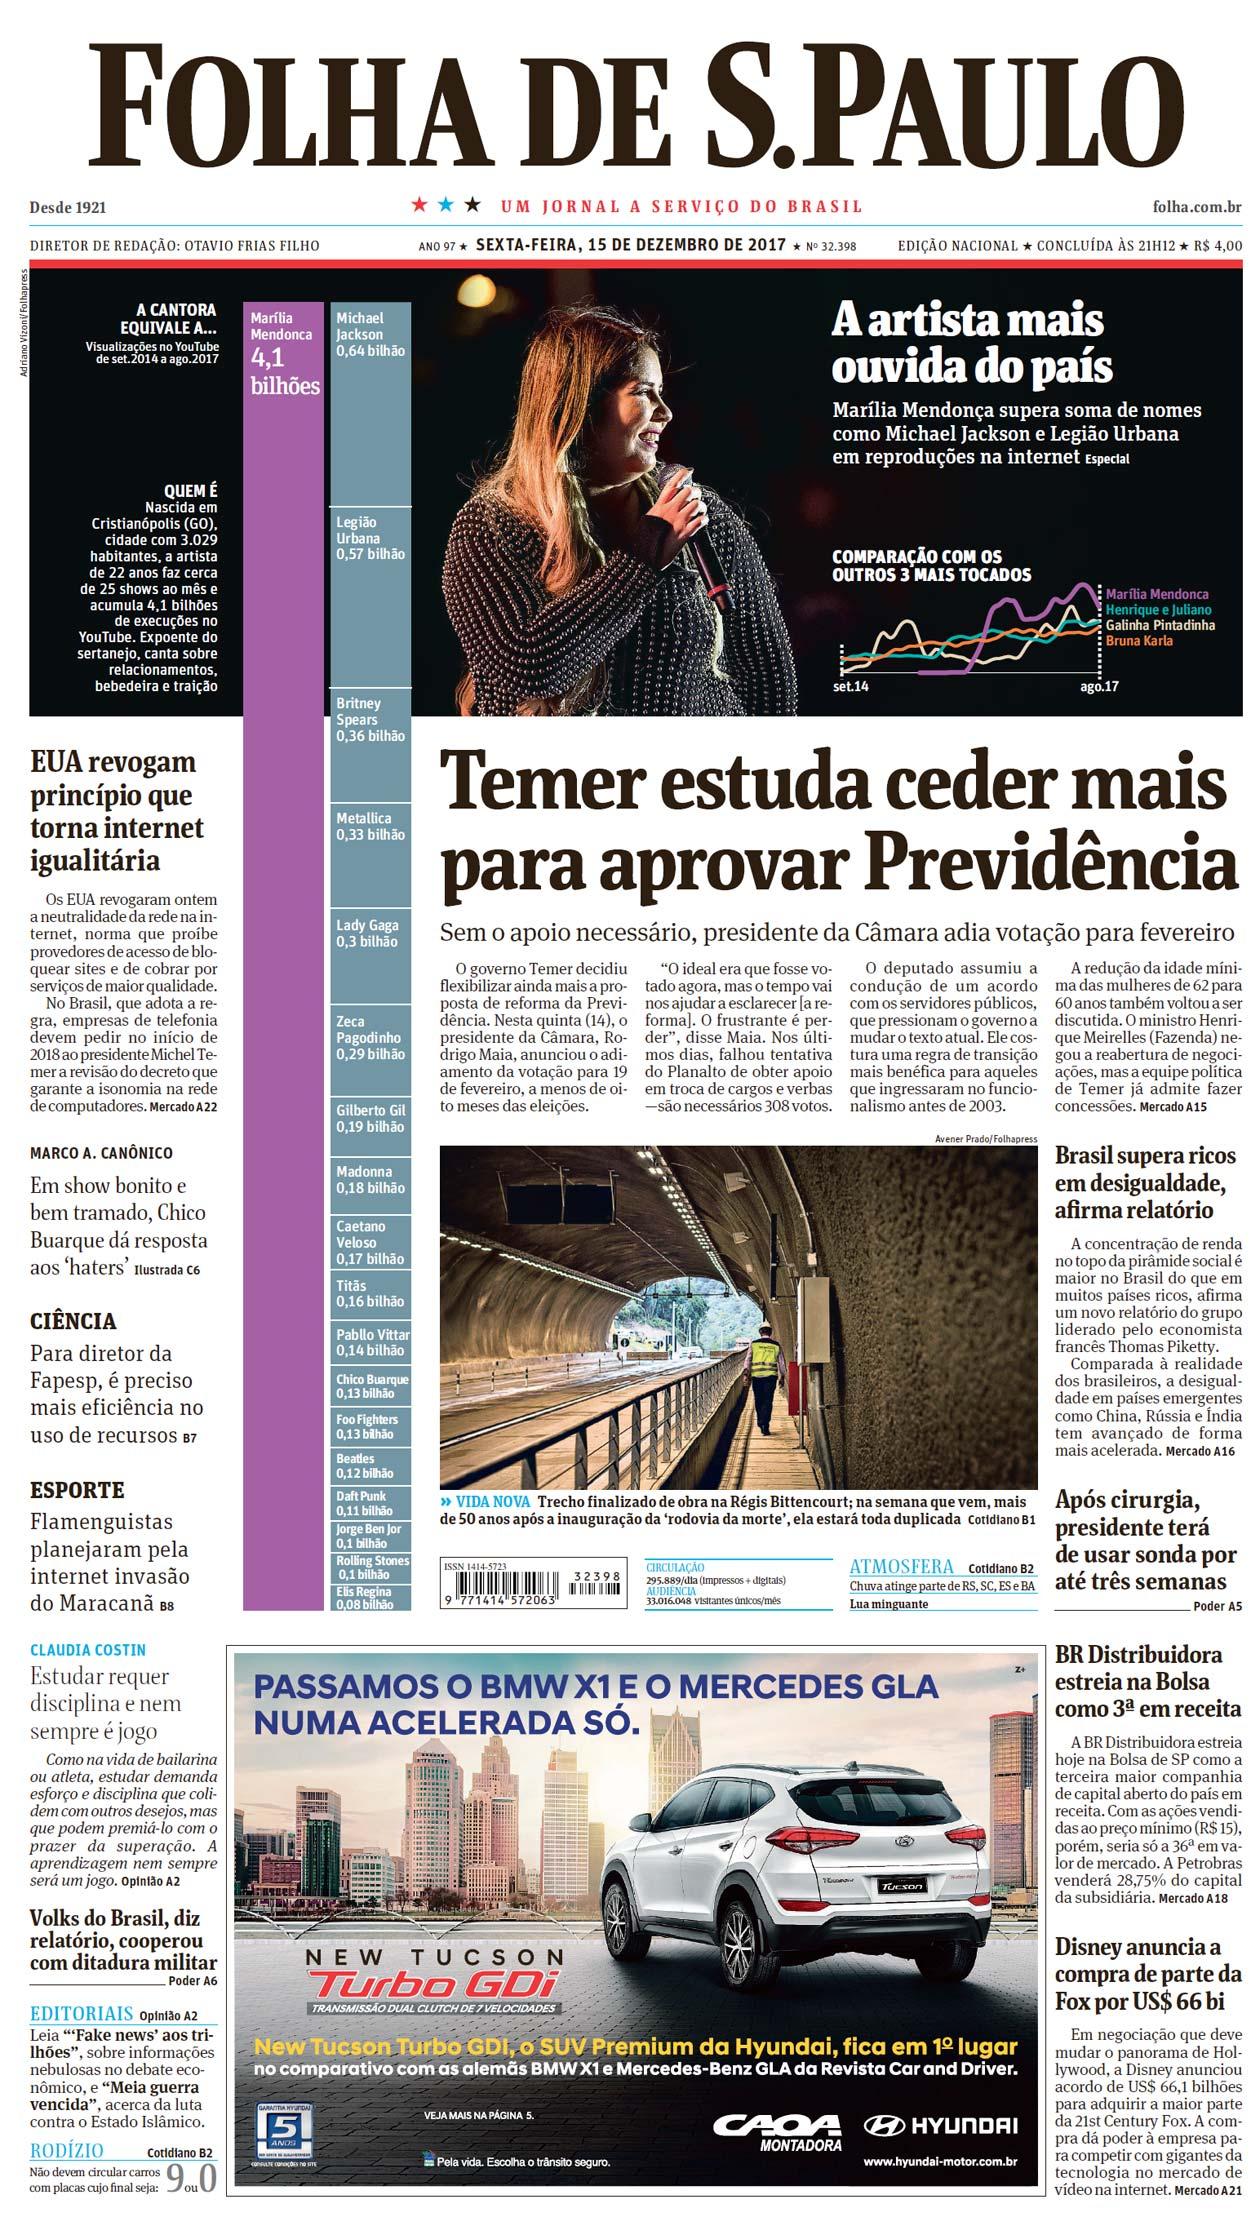 Capa Folha de S.Paulo - Edição Nacional 04b40831fe